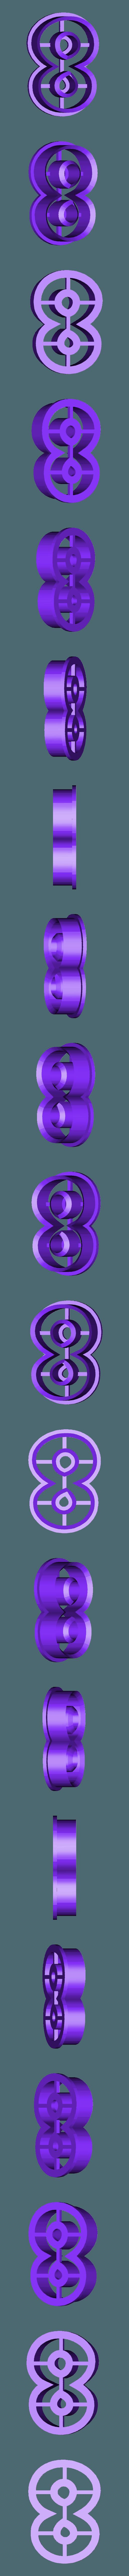 8-Eight.stl Télécharger fichier STL gratuit Numéros de Play-Doh/Cookie Cutters • Plan imprimable en 3D, RT3DWorkshop